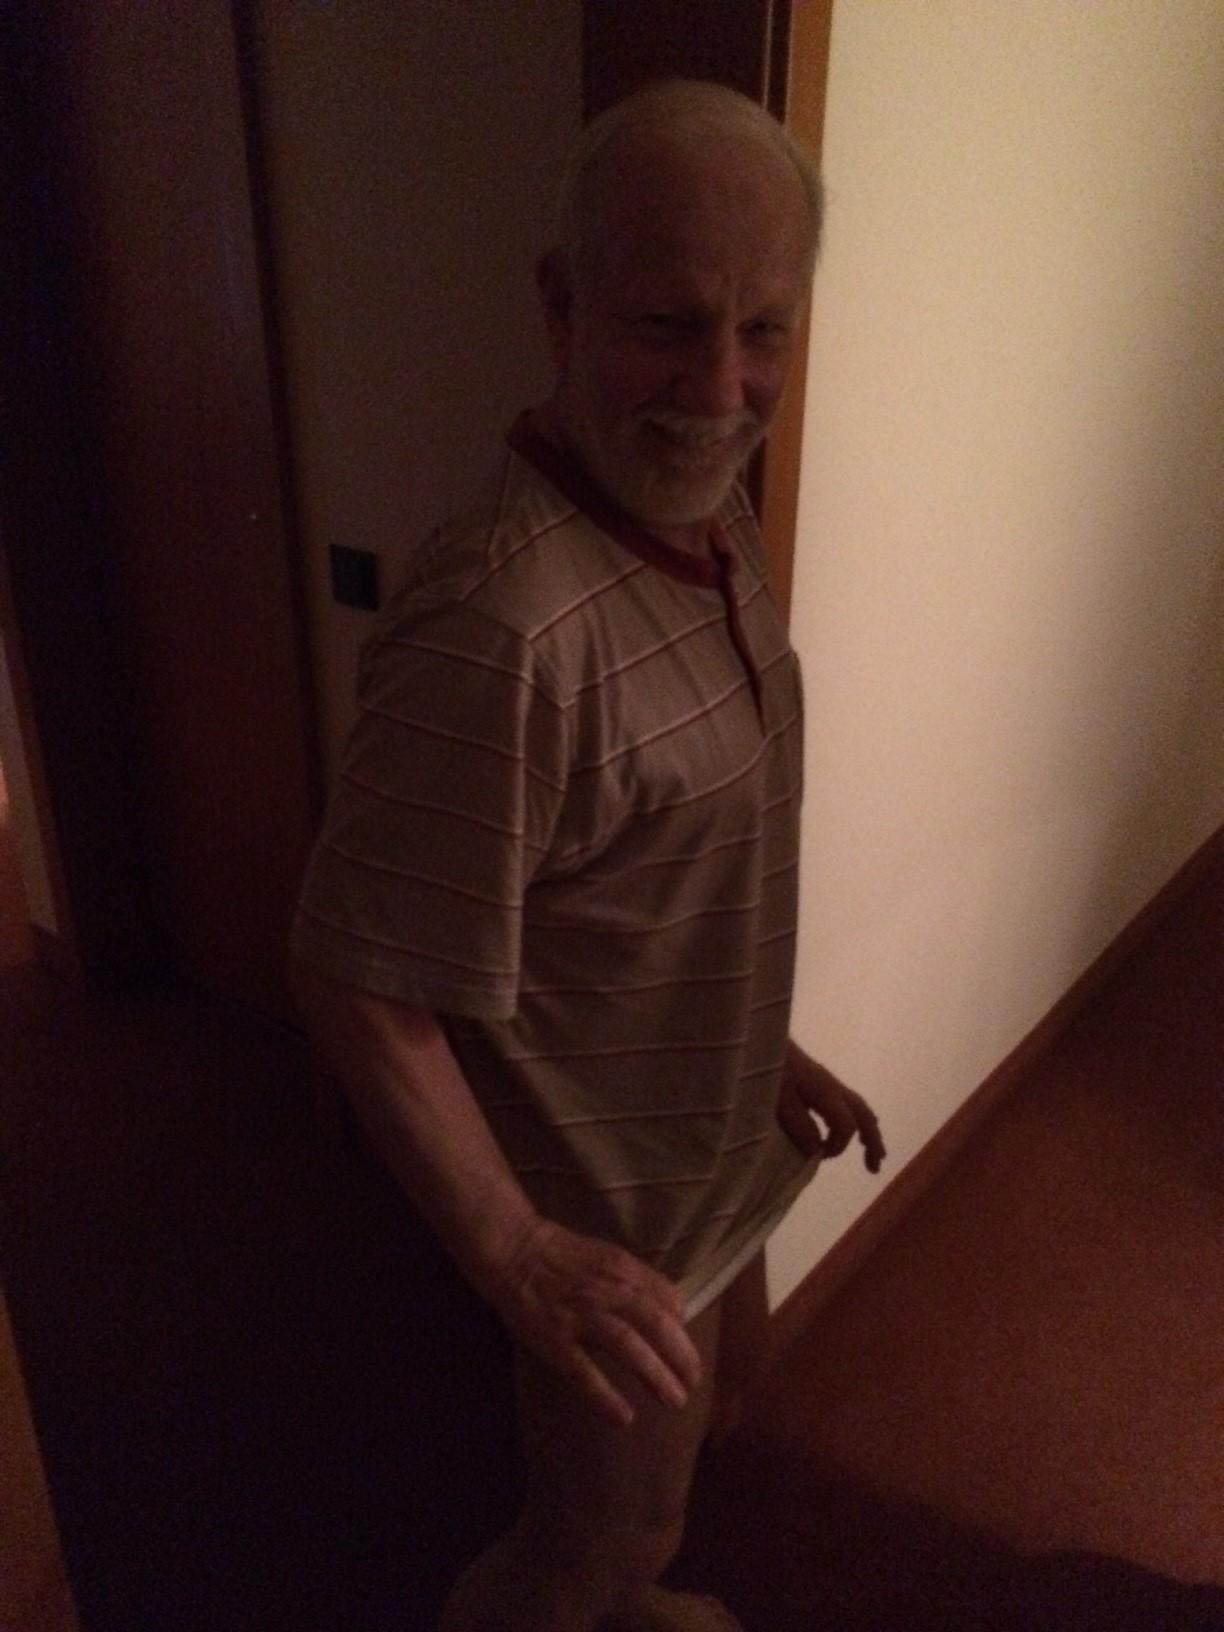 Lothar zeigt Bein